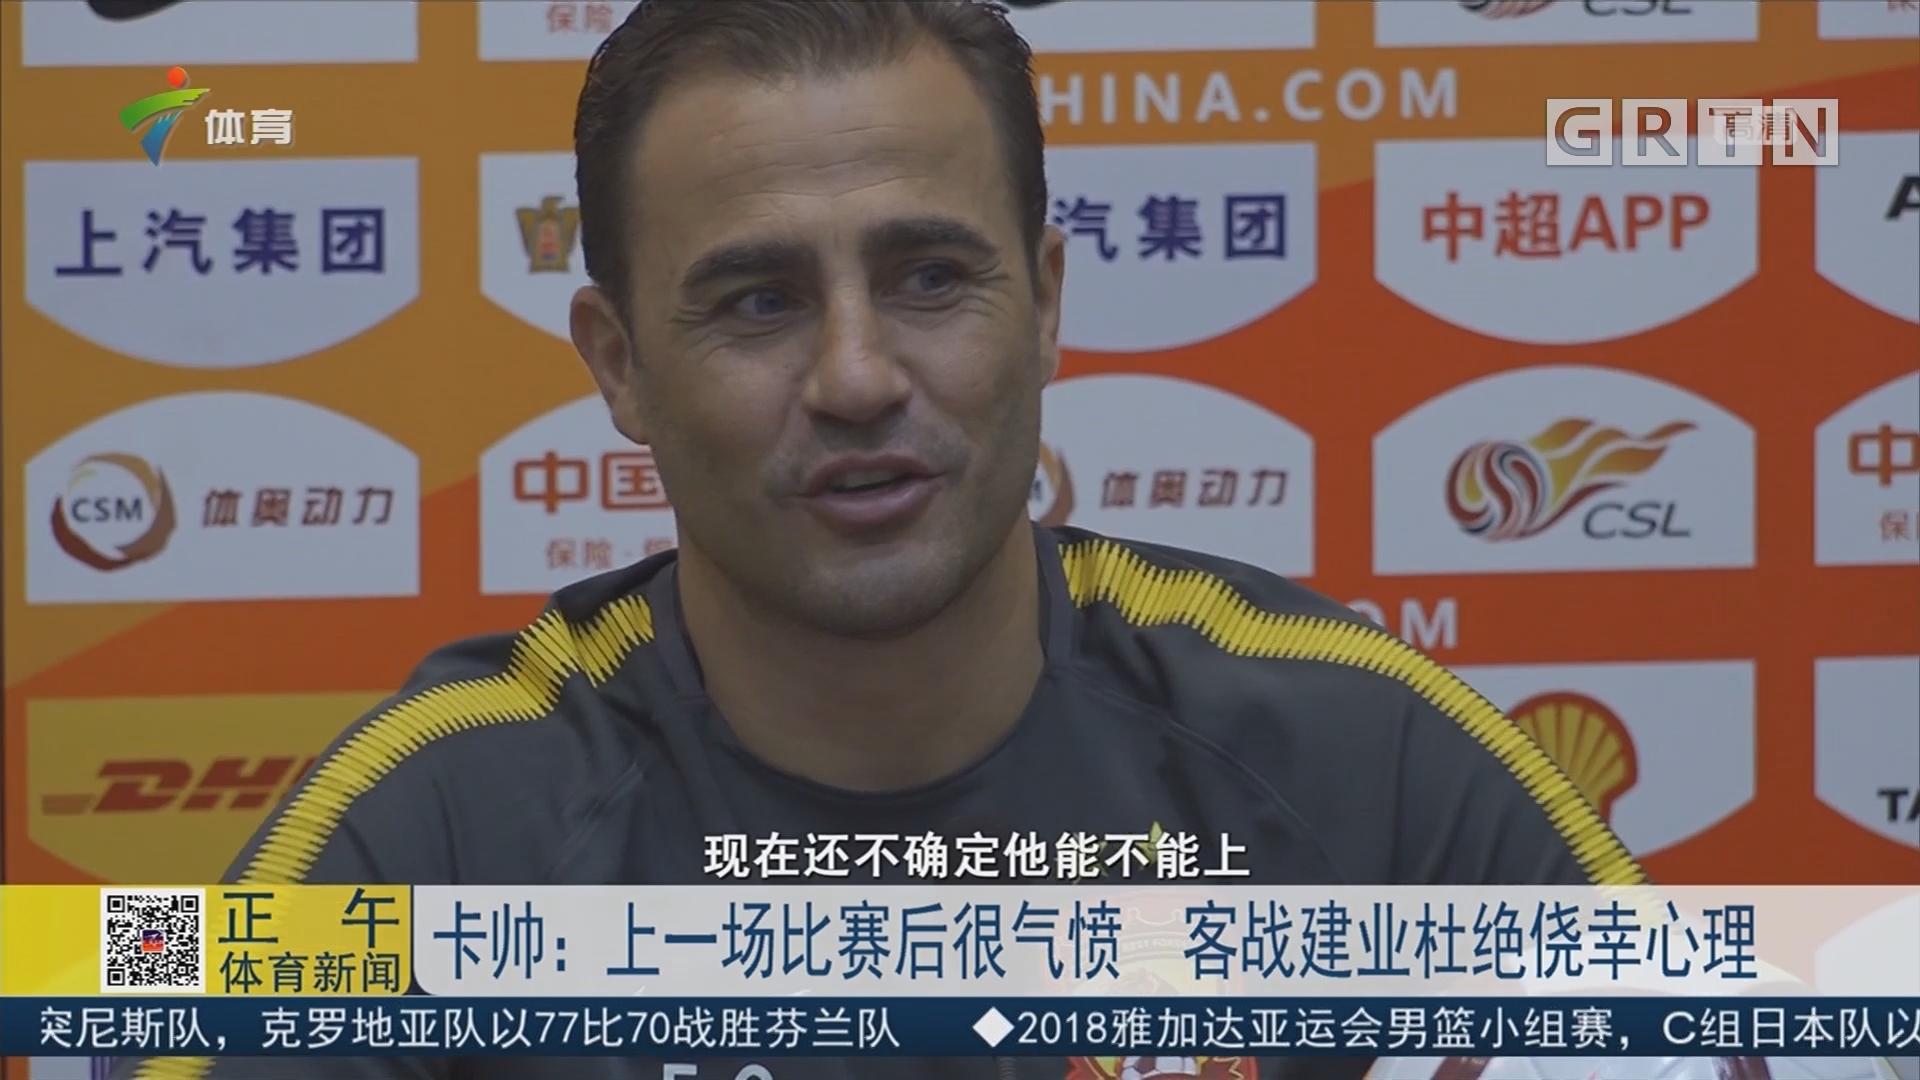 卡帅:上一场比赛后很气愤 客战建业杜绝侥幸心理